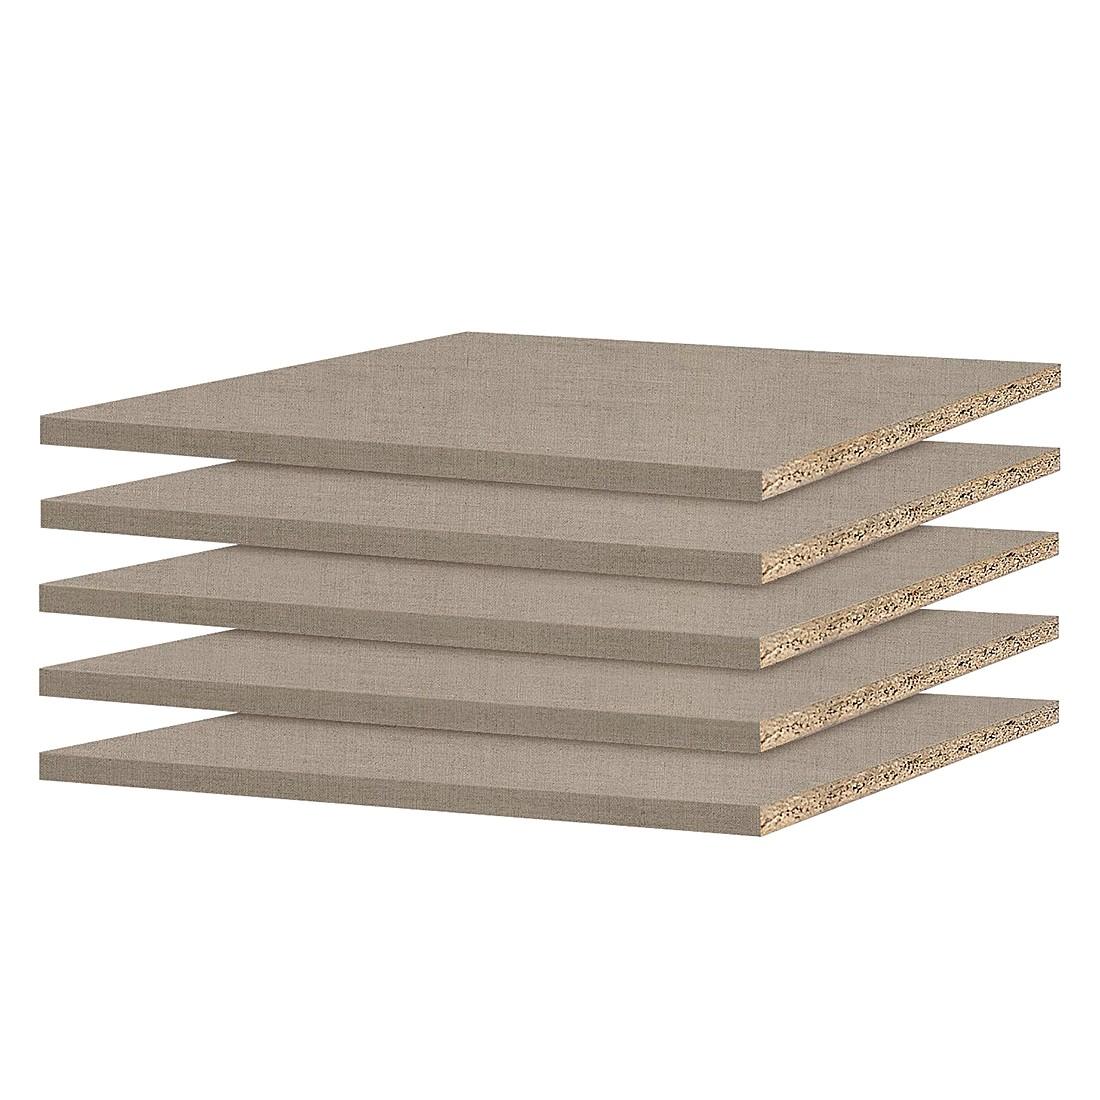 Home 24 - Tablette quadra 66 cm (lot de 5) - pour profondeur d armoire 62 cm, rauch packs